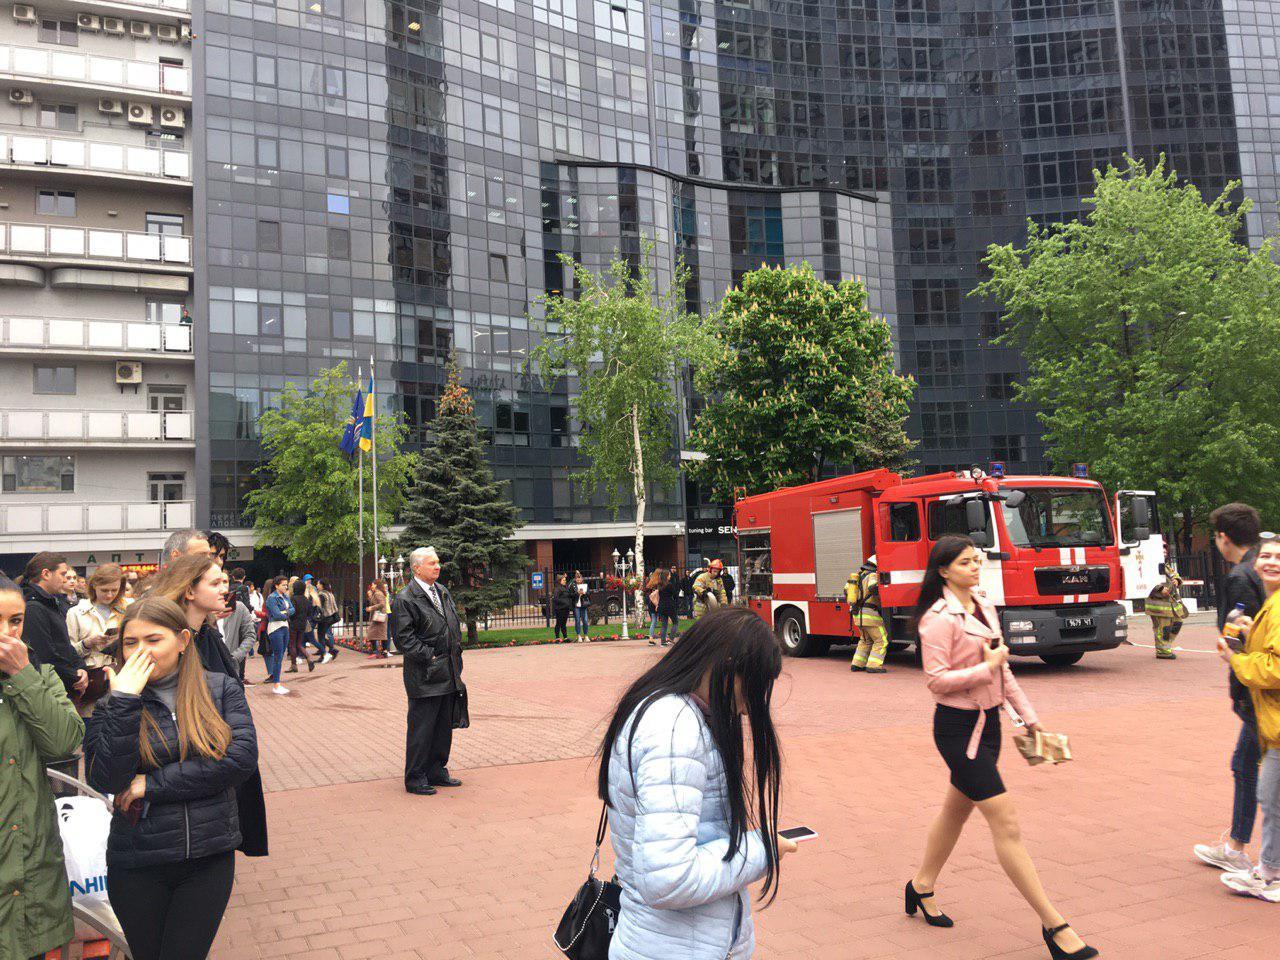 Очаг возгорания находился в одном из кабинетов здания на втором этаже